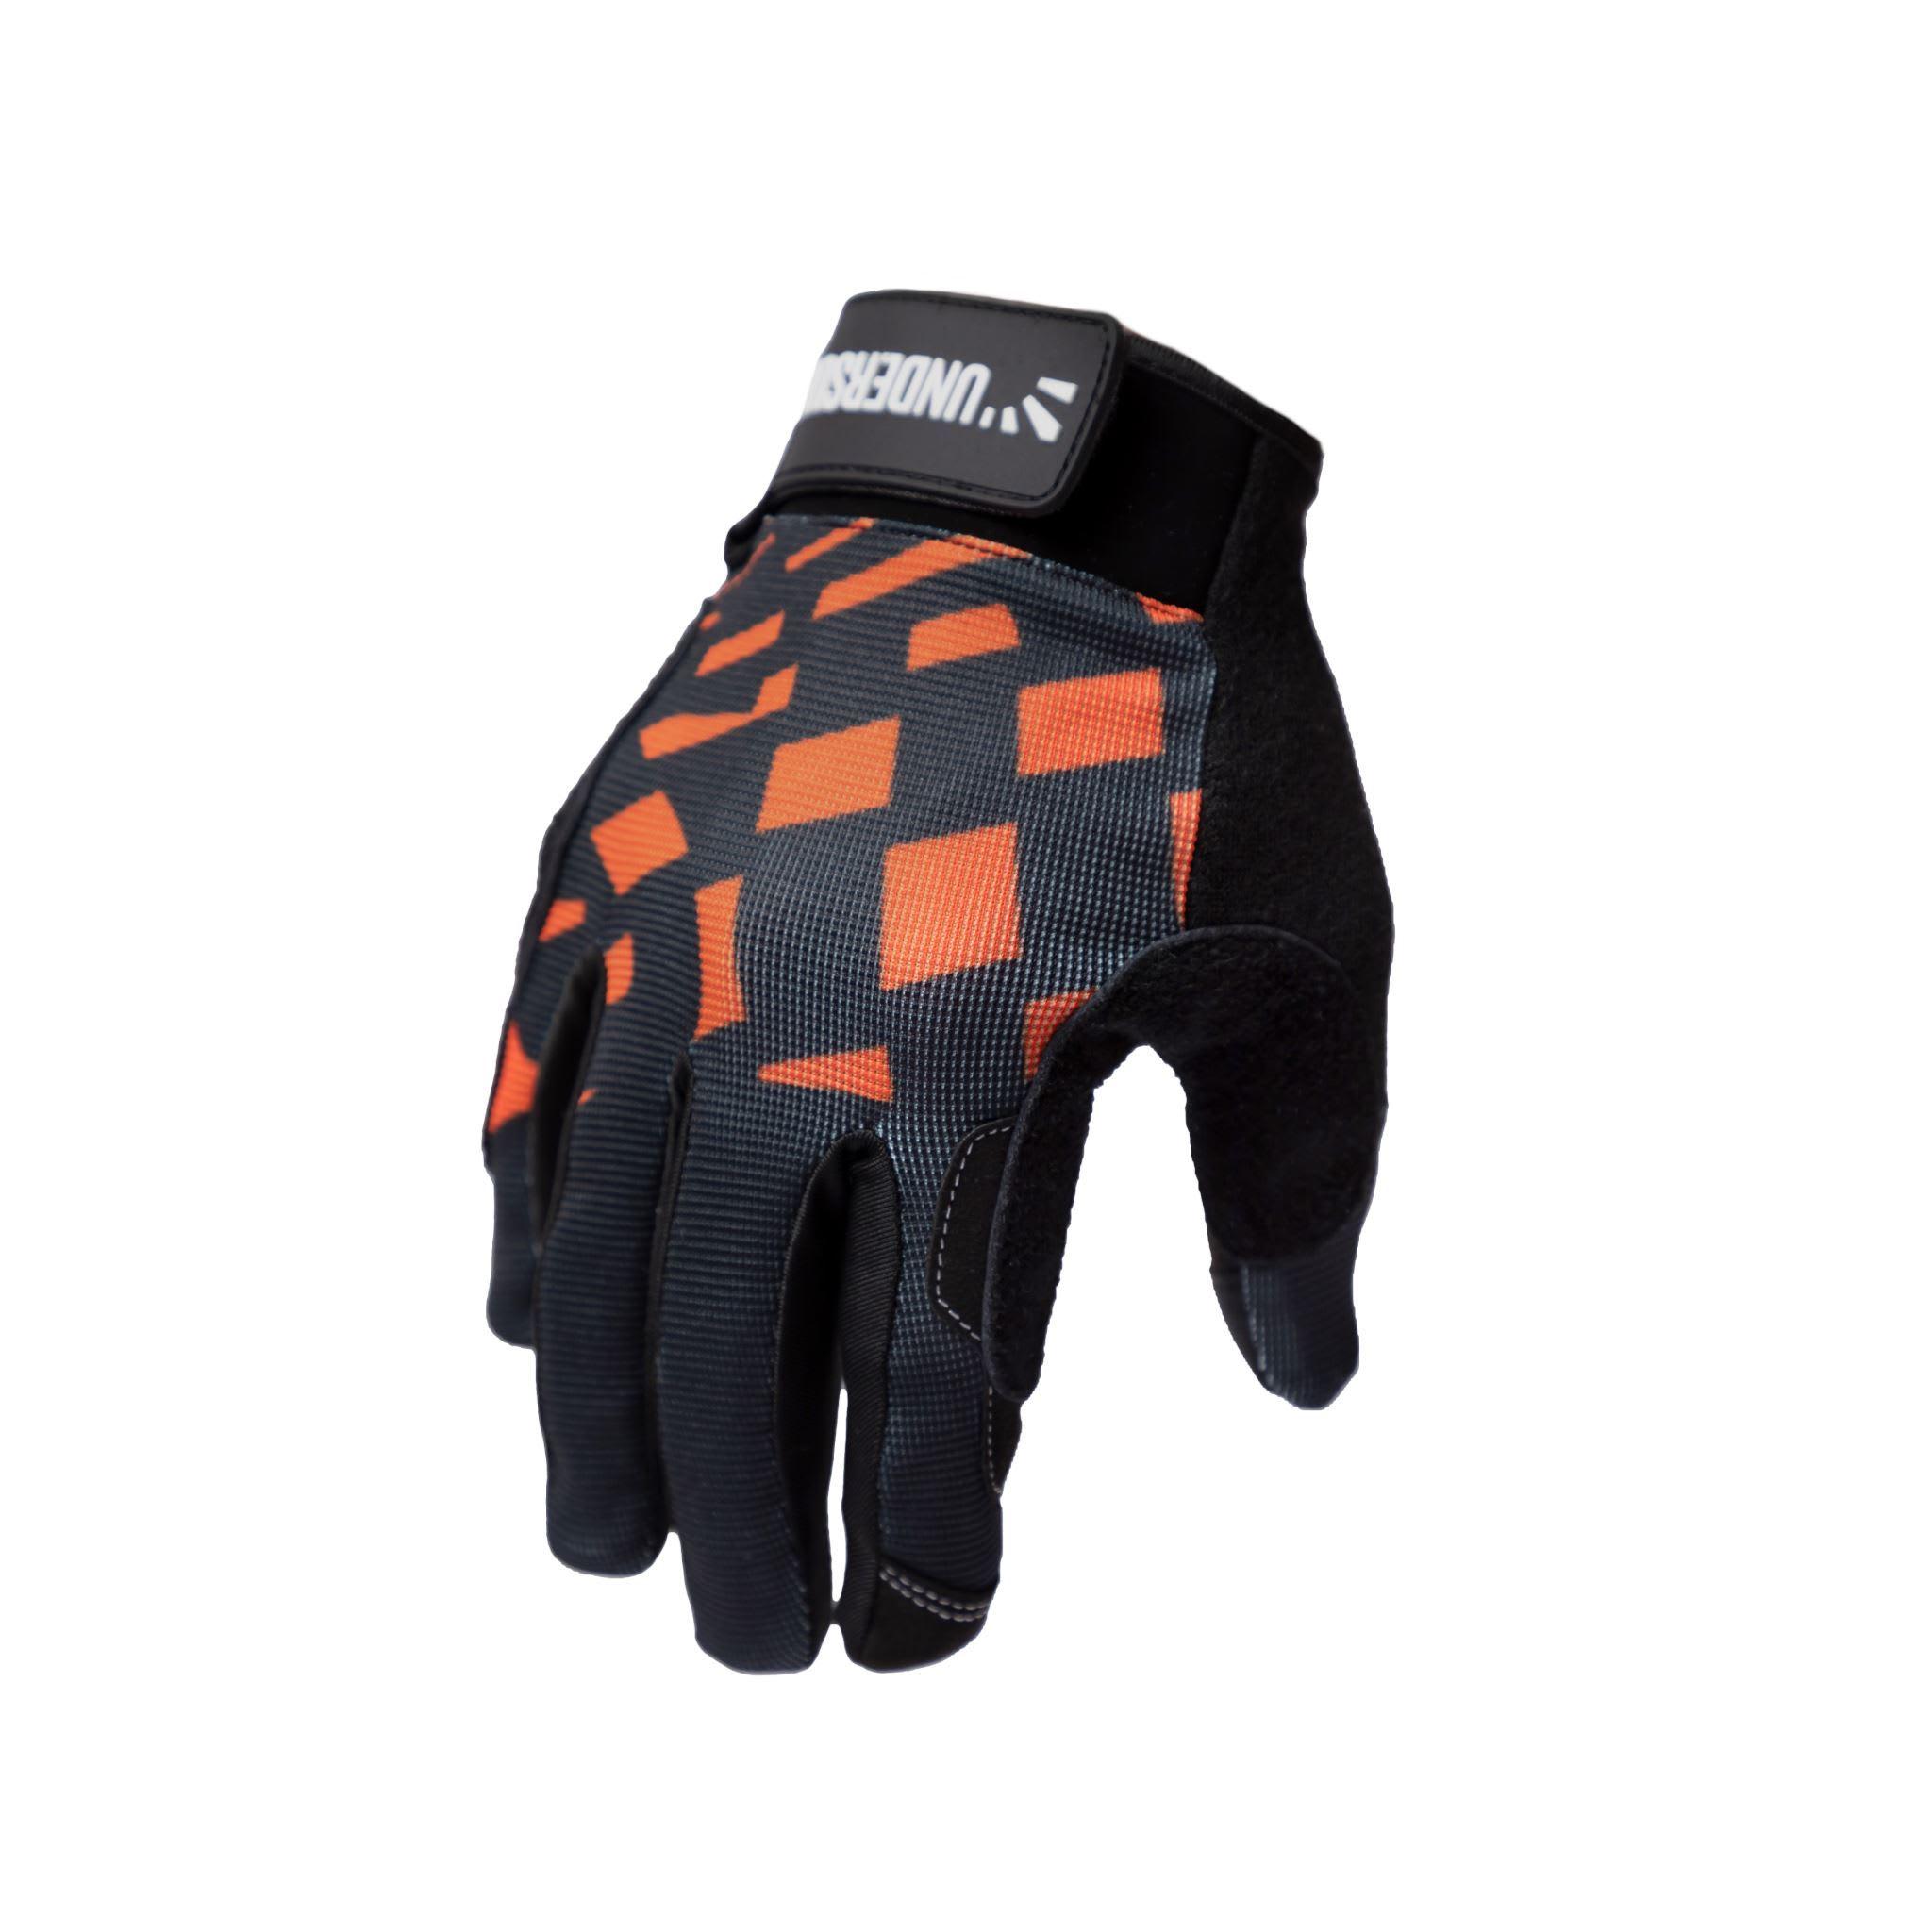 Undersun Workout Gloves